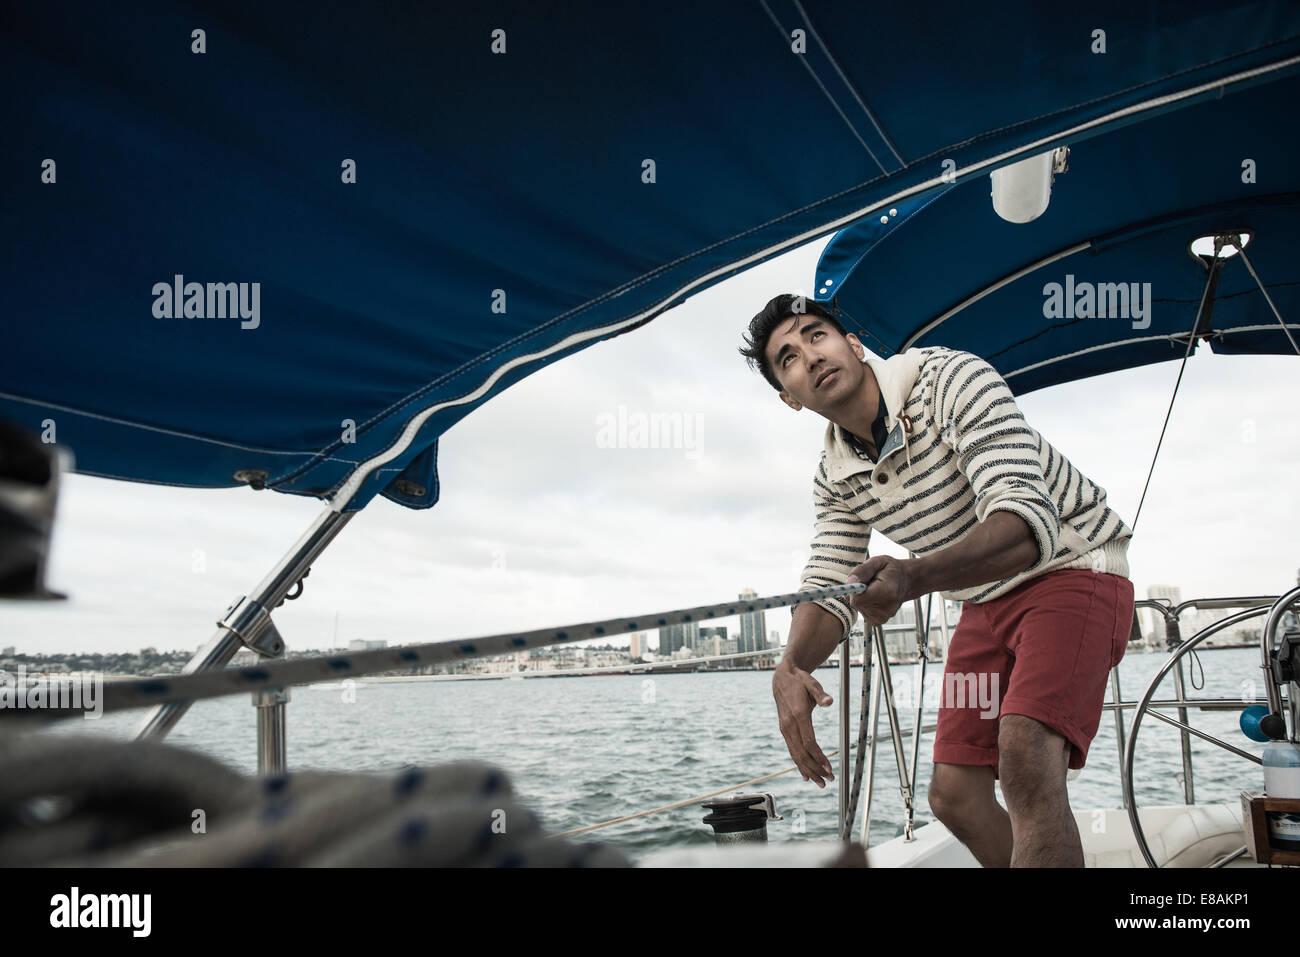 Joven busca en velero Imagen De Stock